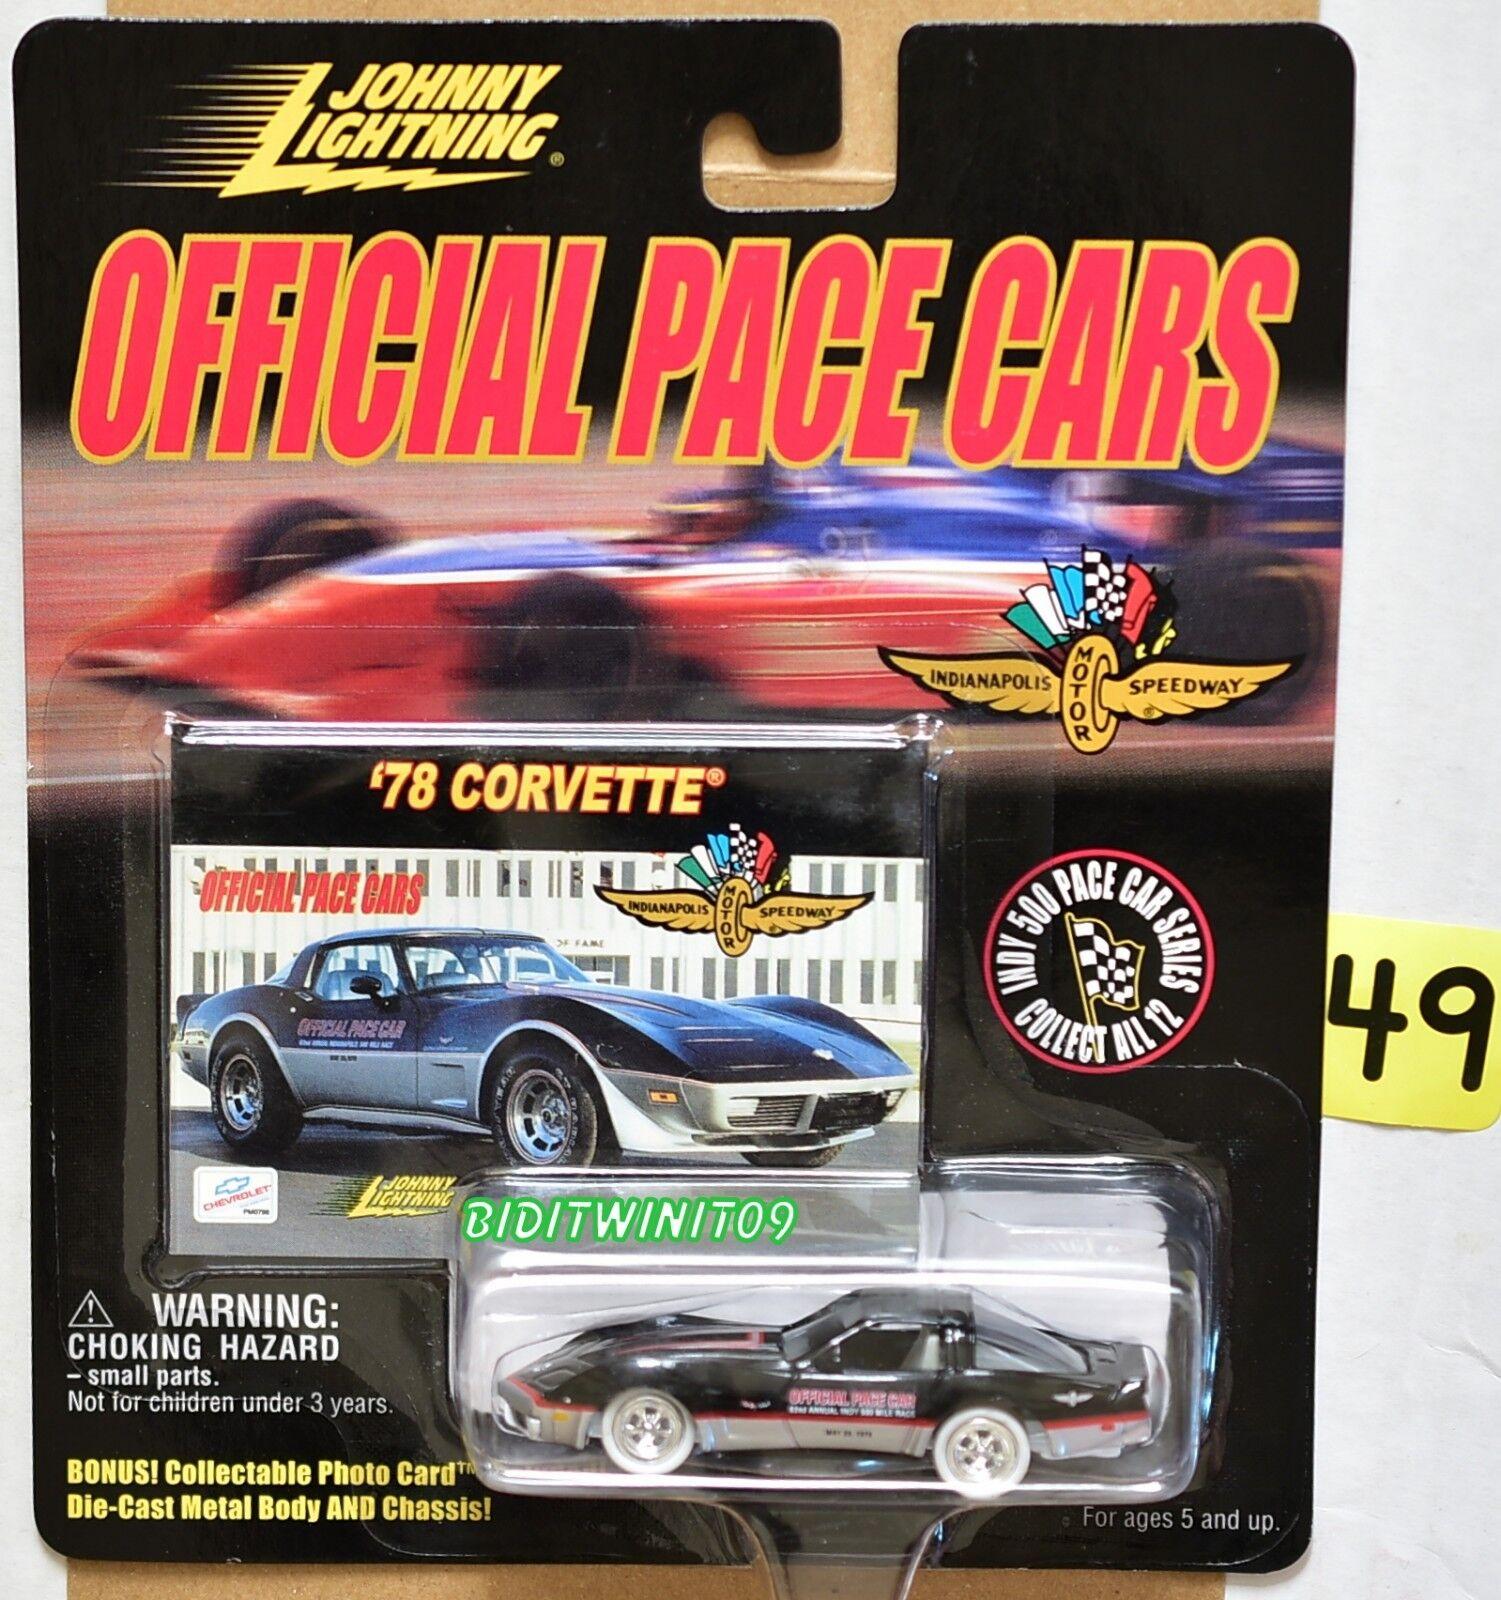 Johnny Éclair Officel Pace Voitures '78 Corvette Noir Blanc Lightning W+